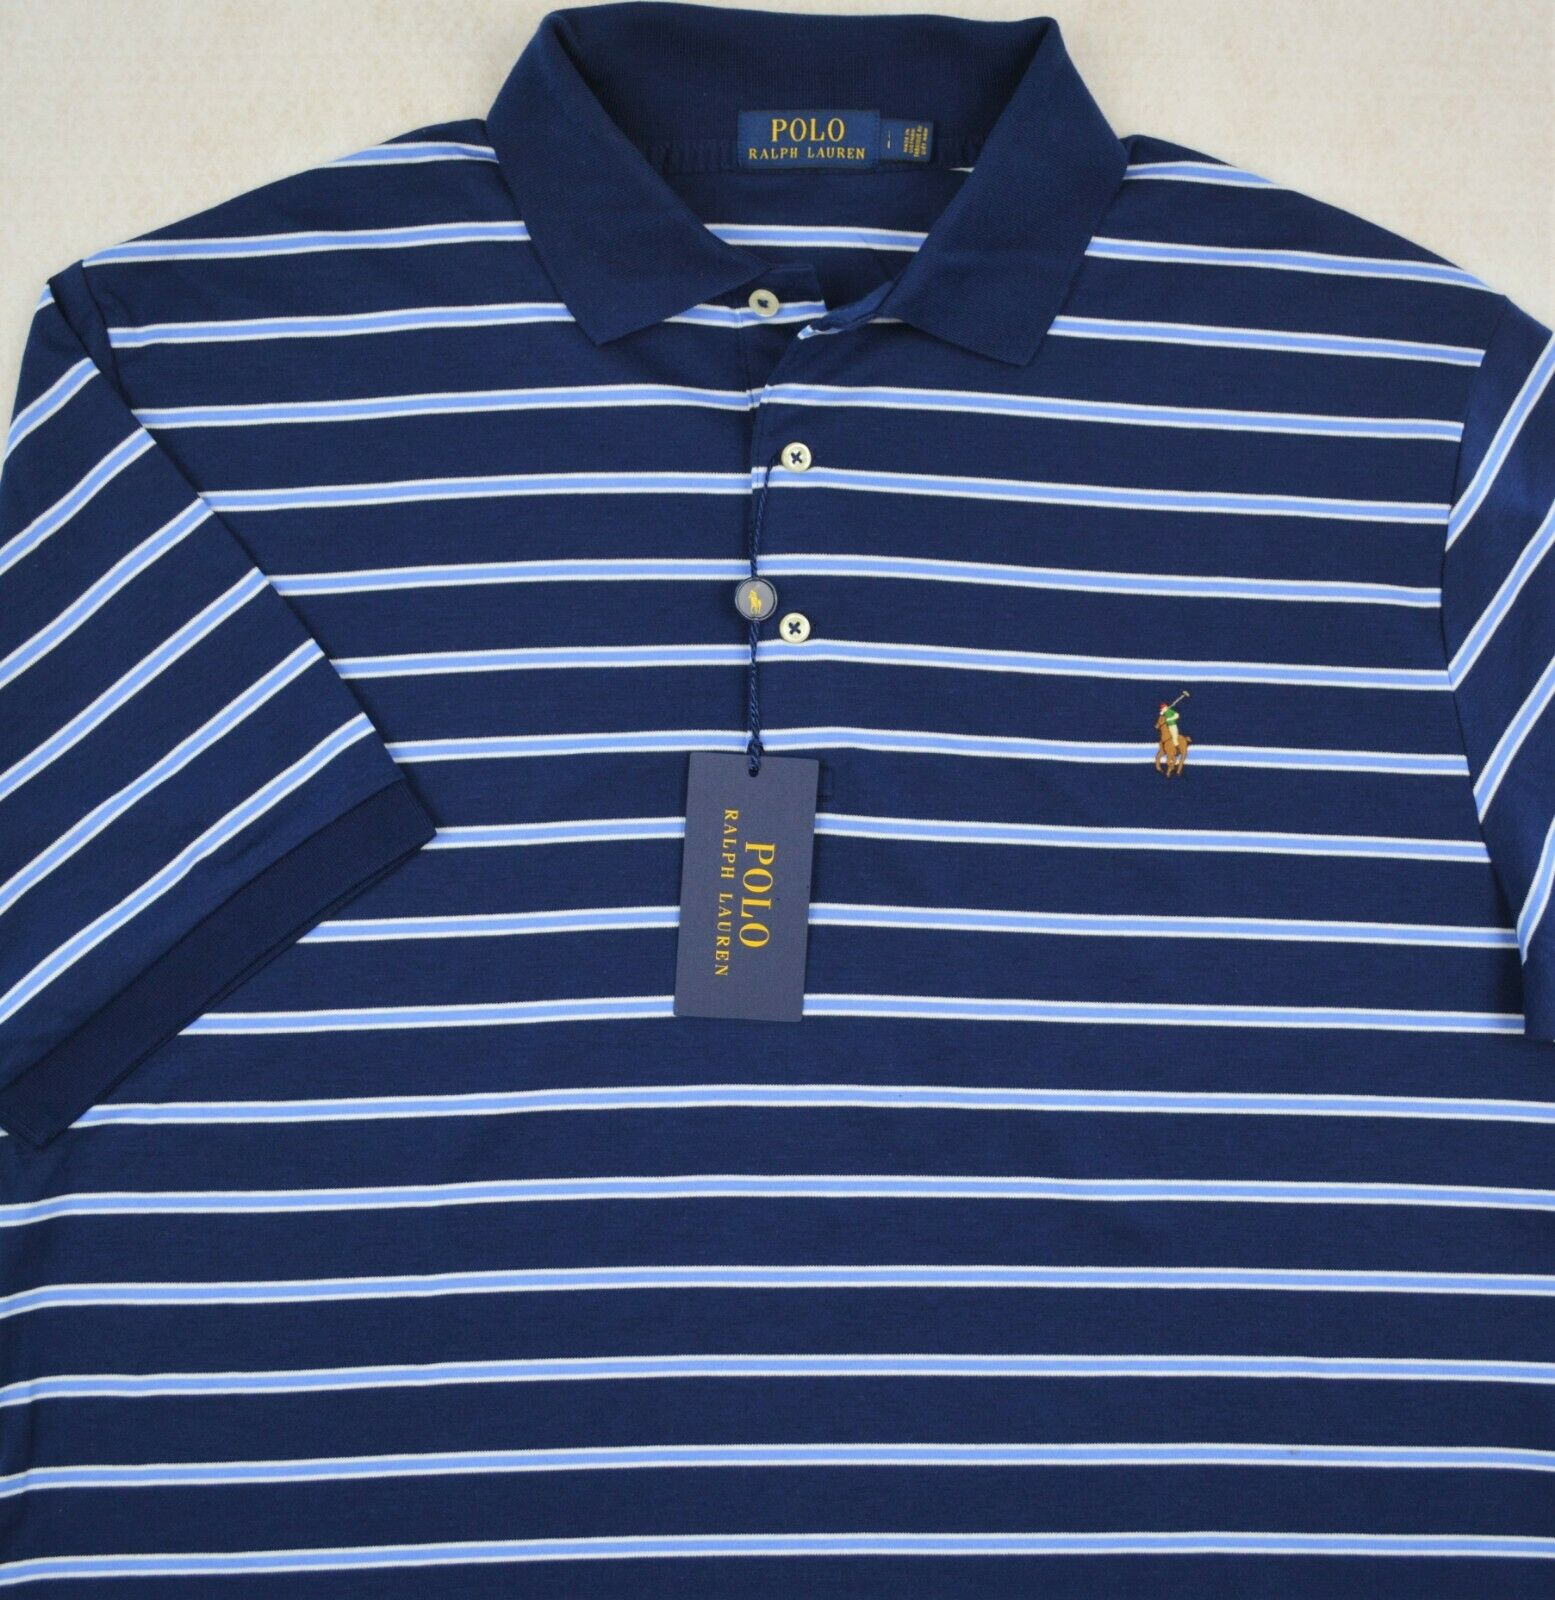 Polo Ralph Lauren Shirt Soft Touch Stripe Polo 4XB 4X NWT